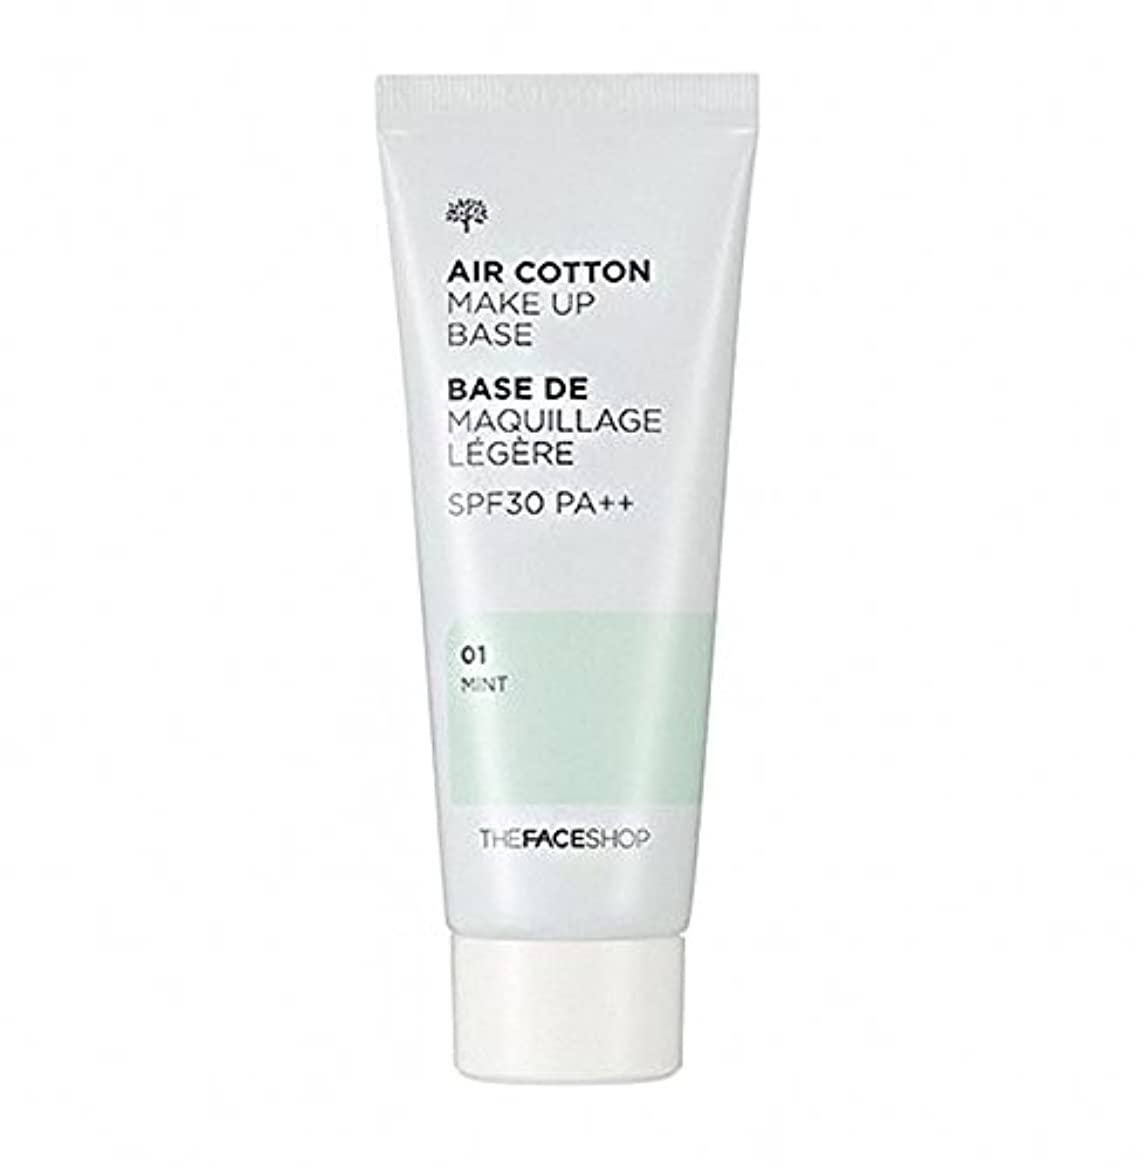 仕様褐色事件、出来事ザ·フェイスショップ The Face Shop エアコットン メーキャップ ベース 40ml(01 ミント) The Face Shop air Cotton Makeup Base 40ml(01 Mint) [海外直送品]